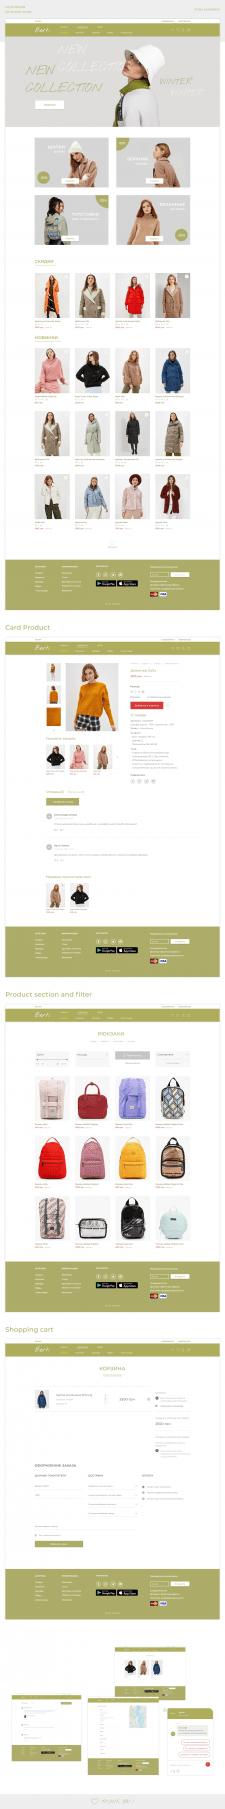 UI/UX для интернет-магазина одежды и аксессуаров